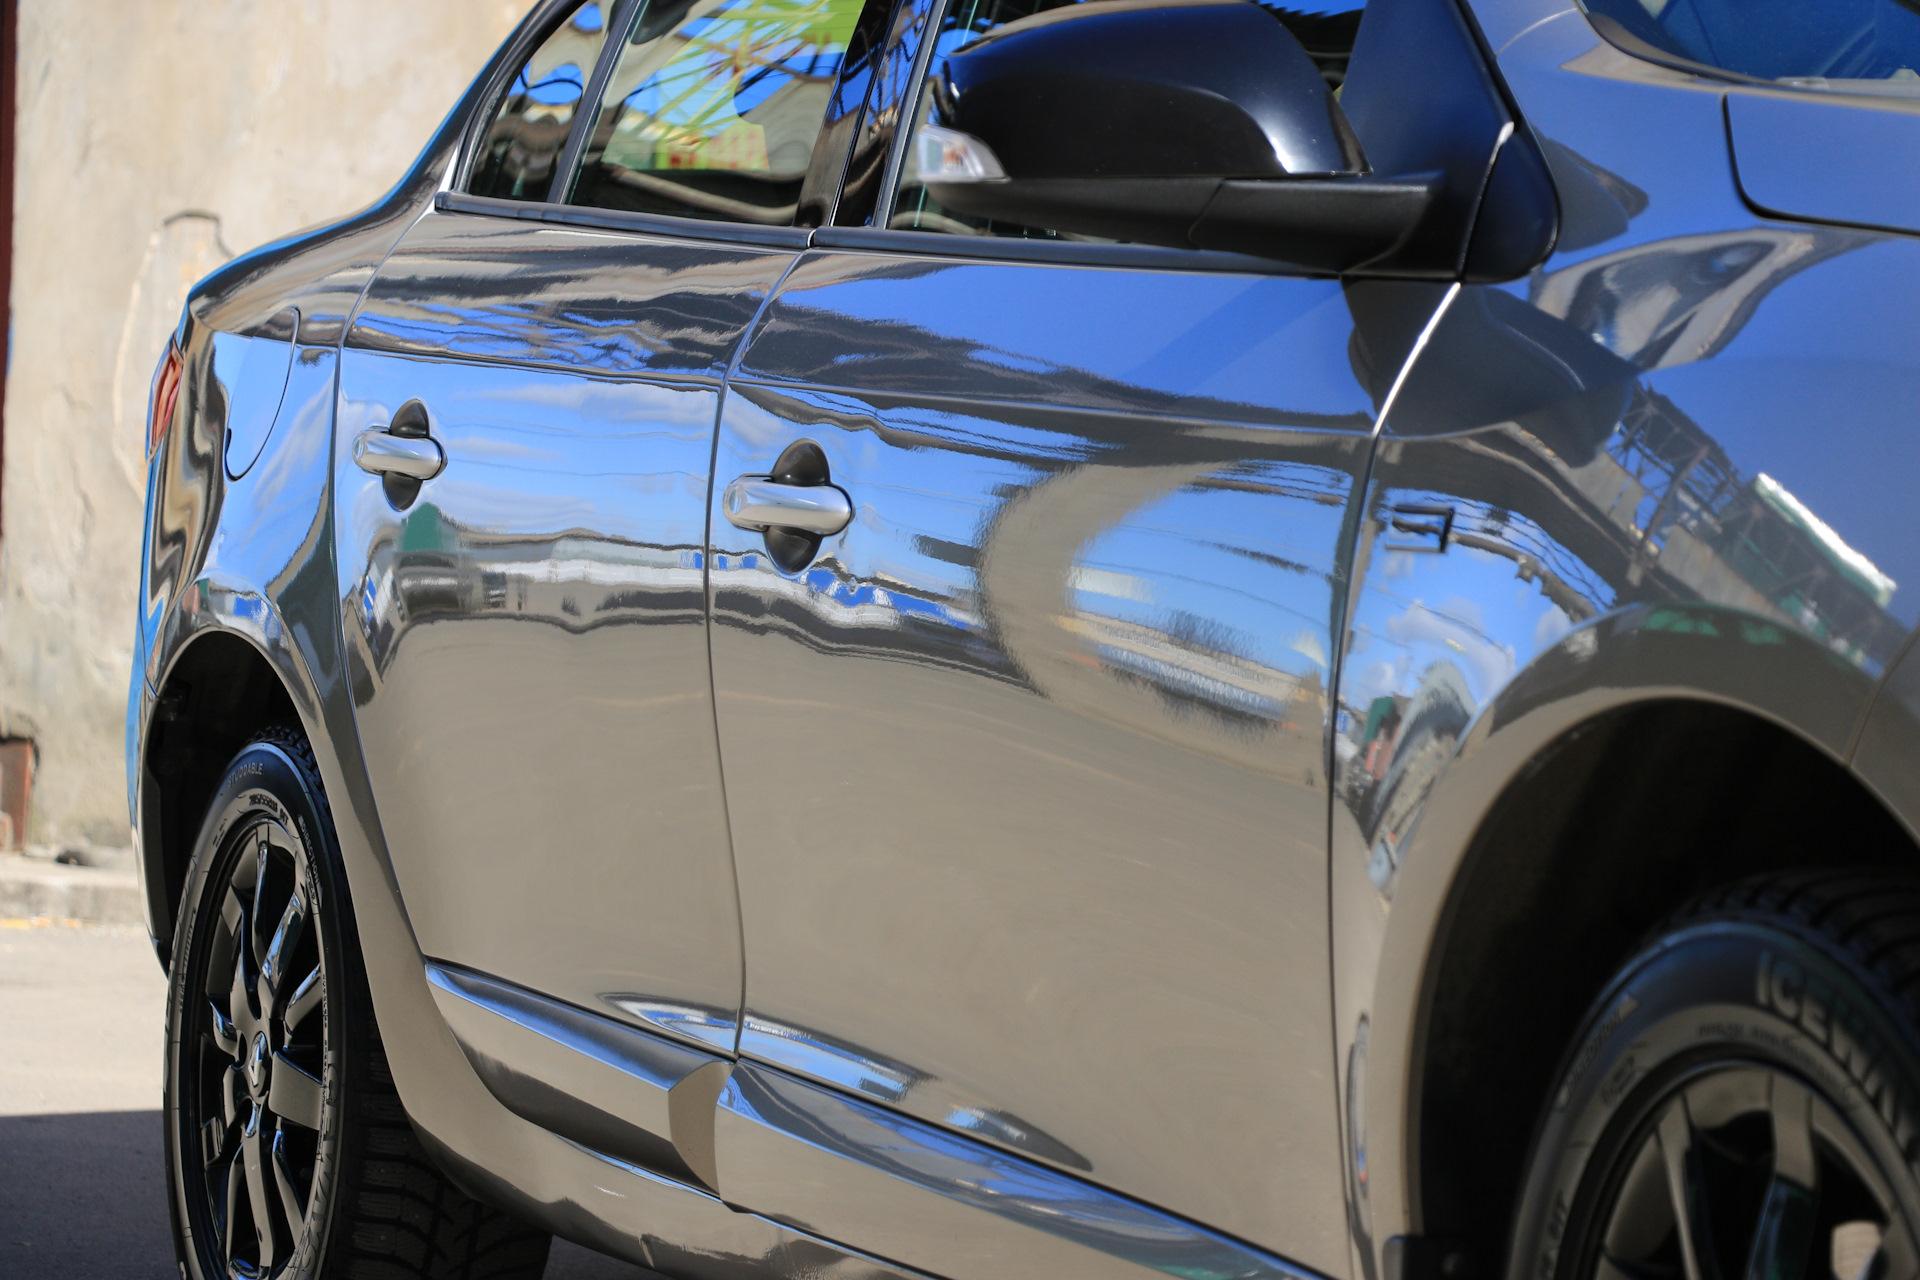 Керамическое покрытие для защиты кузова автомобиля